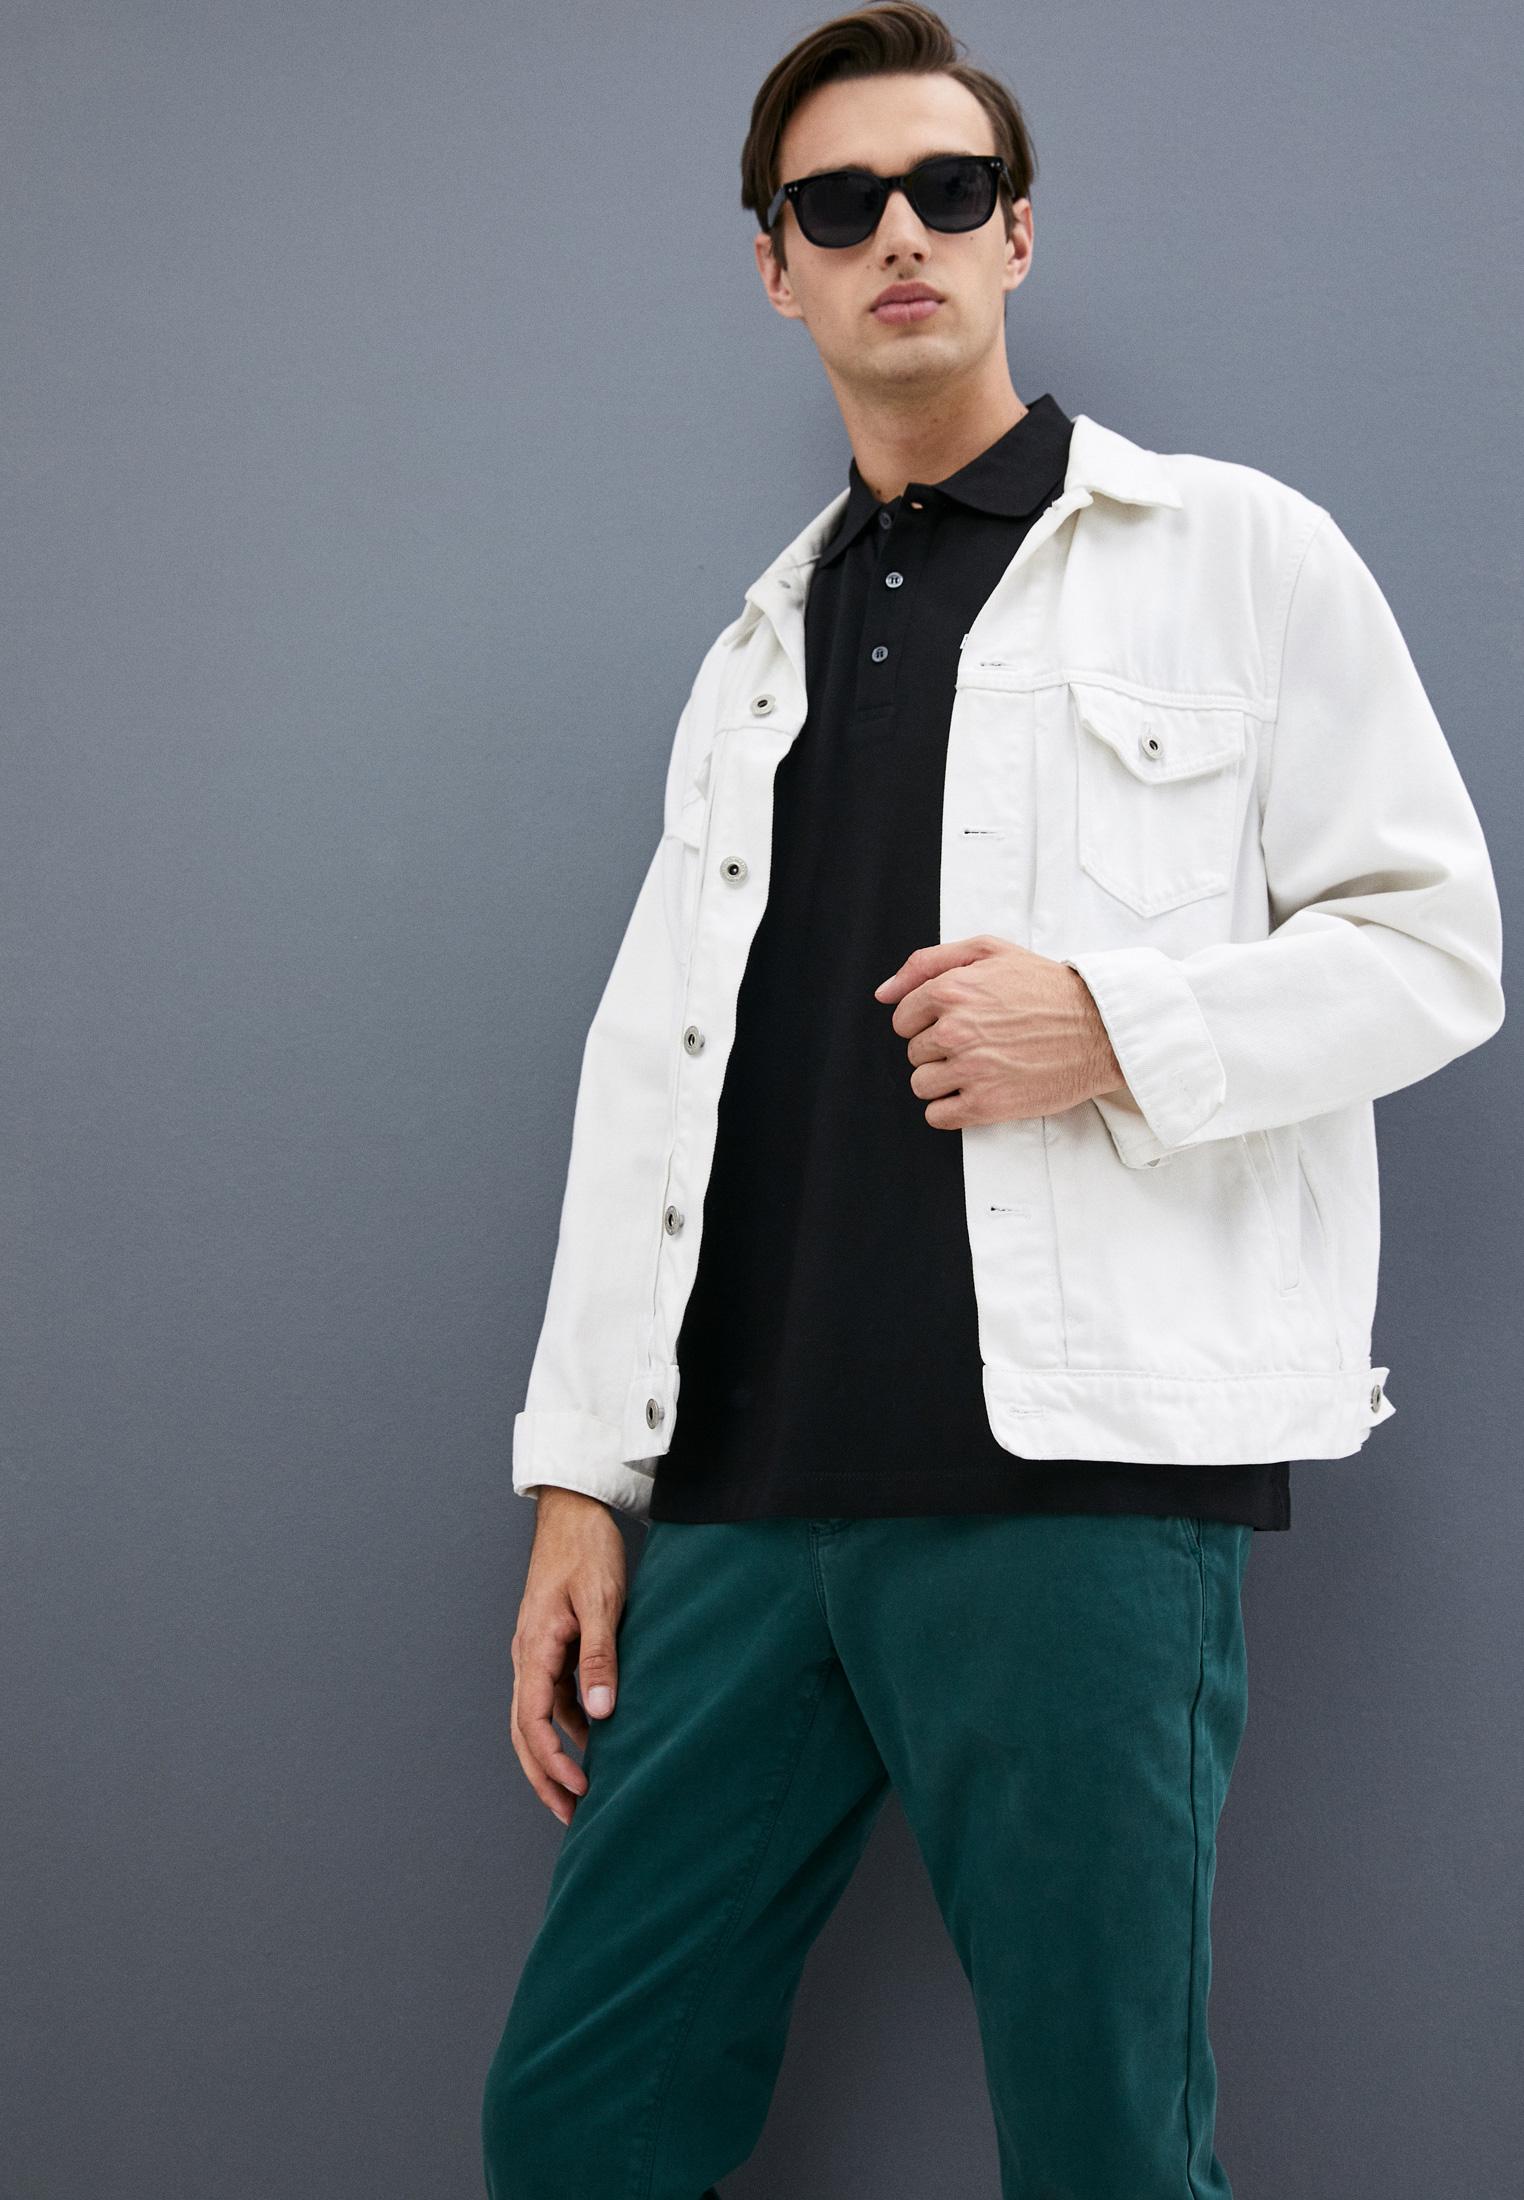 Мужские повседневные брюки Bikkembergs (Биккембергс) C P 001 00 S 2930: изображение 2